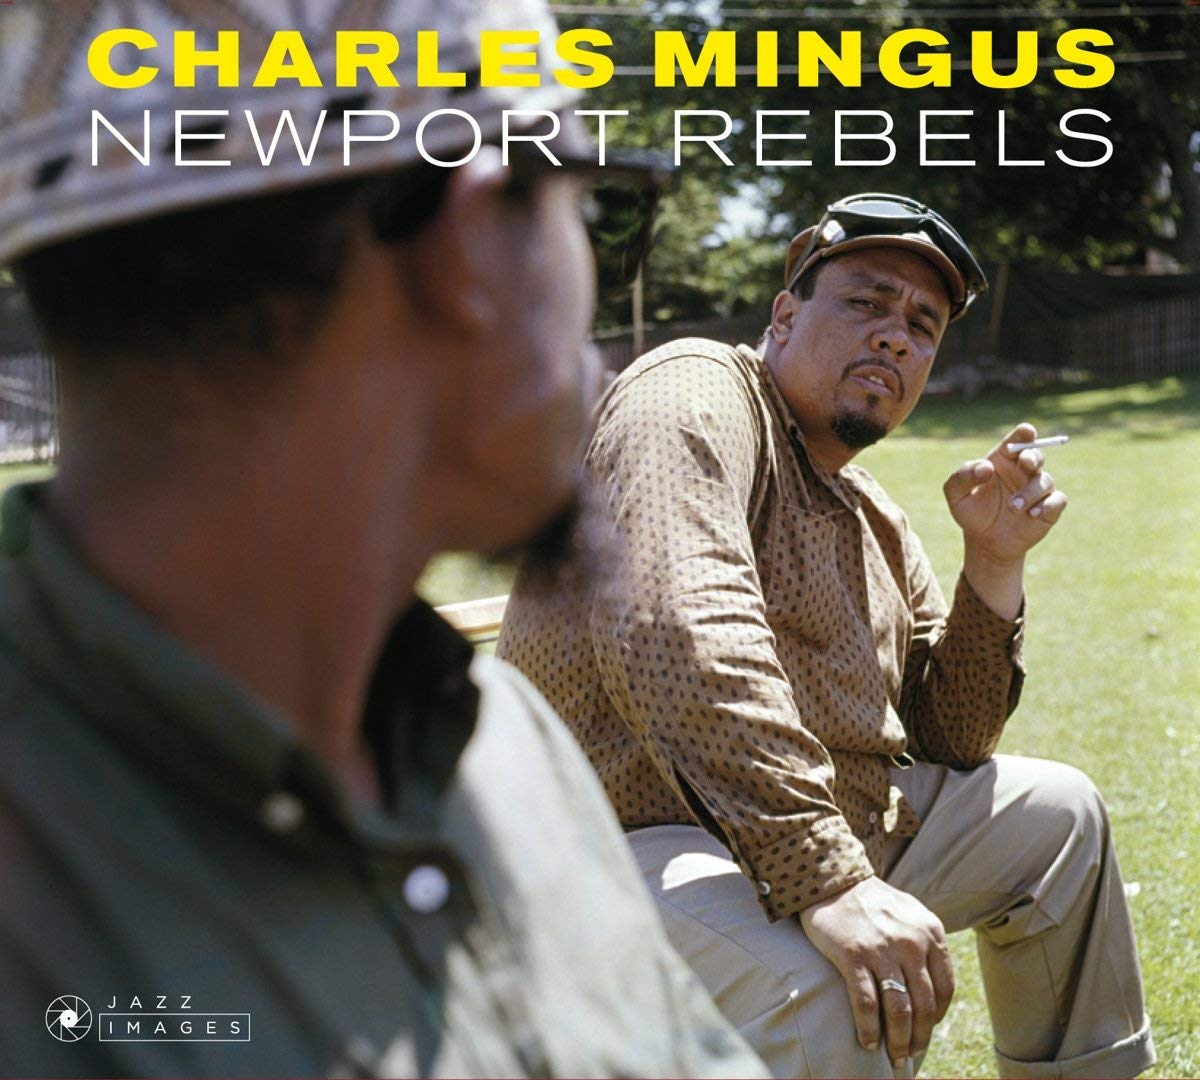 CHARLES MINGUS - NEWPORT REBELS (PLUS PRESENTS + MINGUS) (CD)